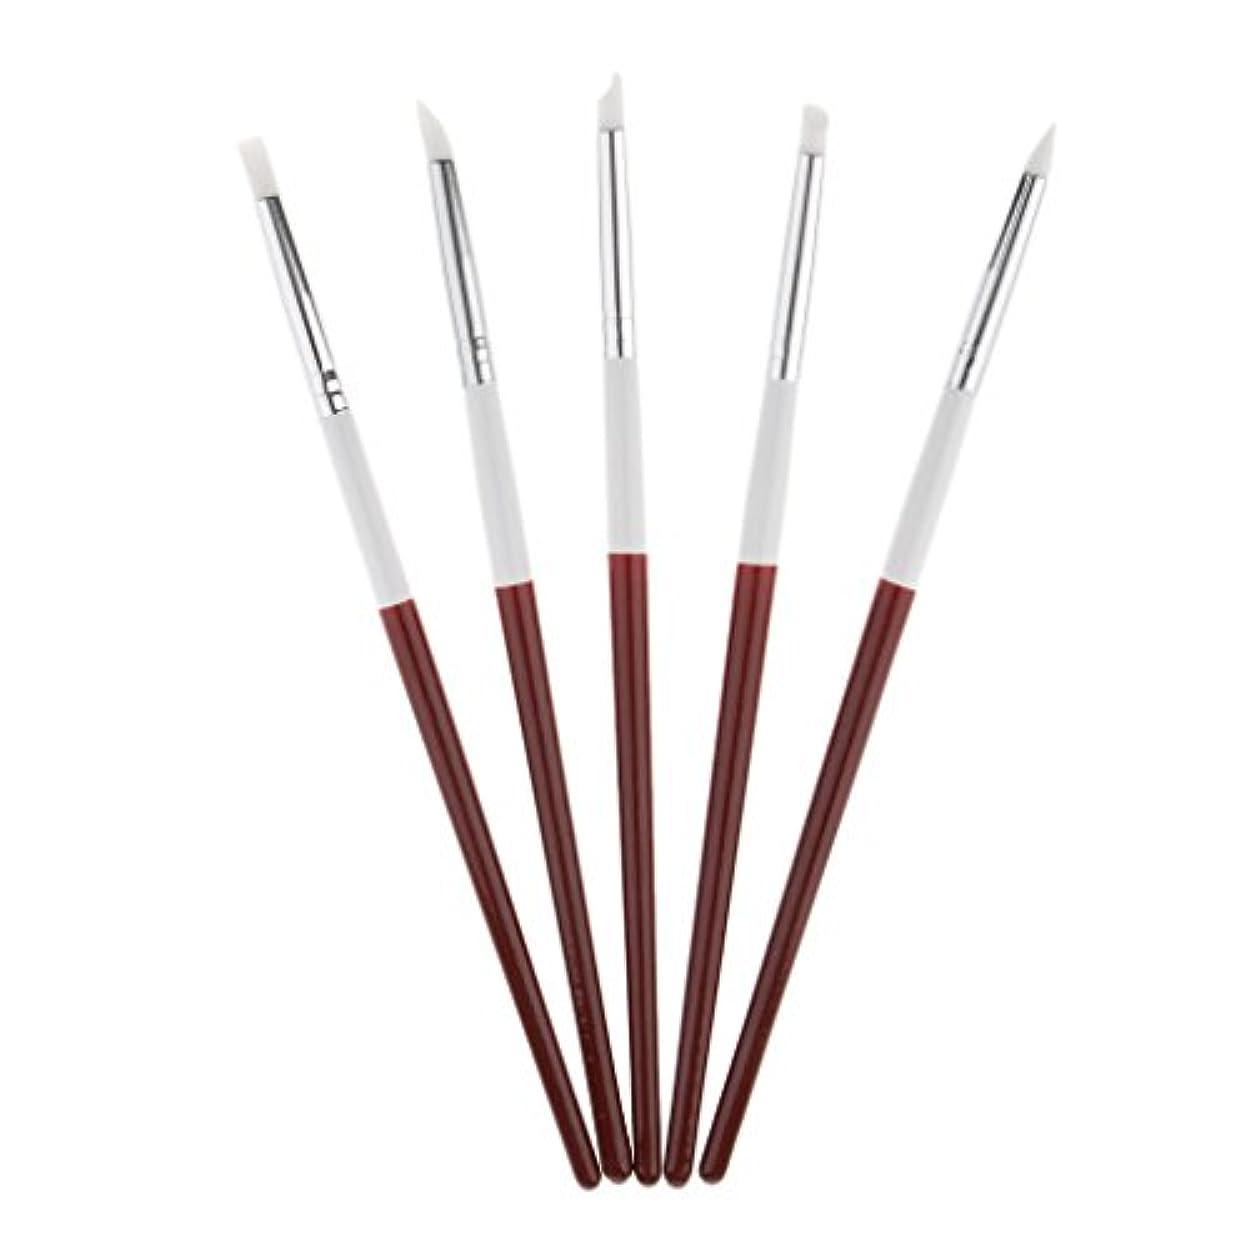 事前にプラスチック製造業5本 ネイルアートペン ネイルブラシ ネイル ブラシ 絵画 彫刻ペン シリコンヘッド 3タイプ選べる - 18.5cm